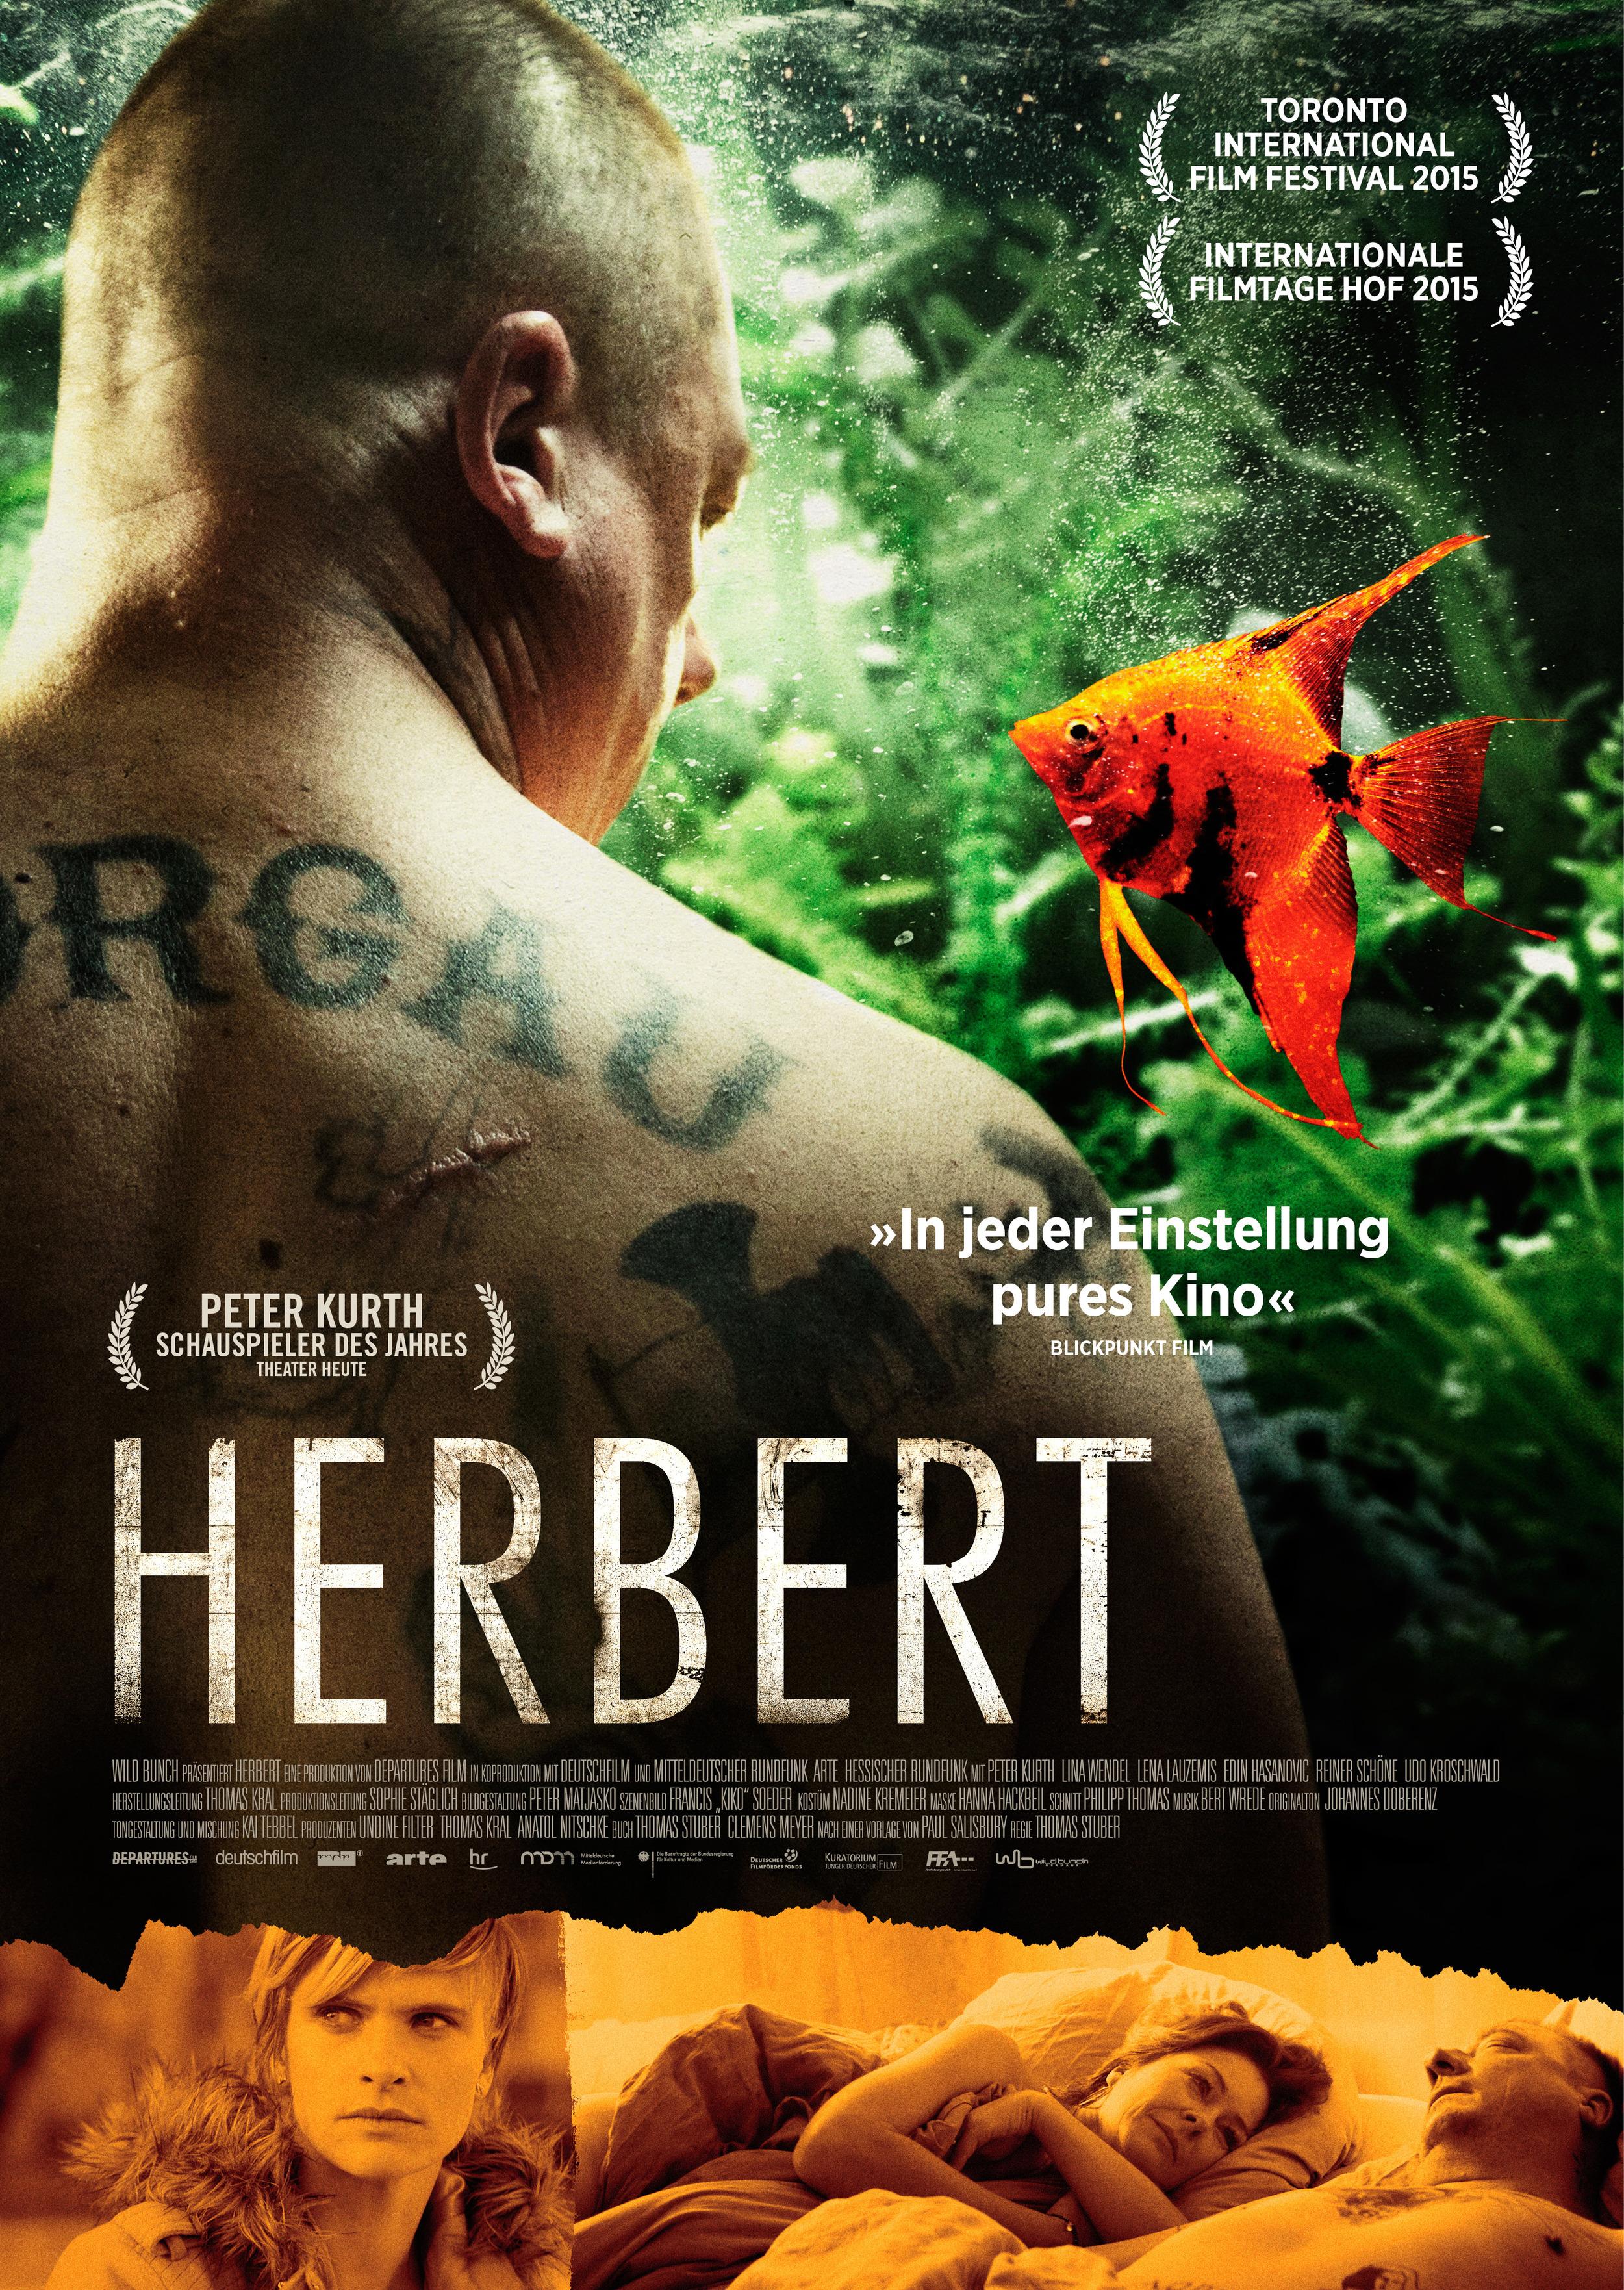 2015_HERBERT_A_HEAVY_HEART_DEPARTURES_Film.jpg